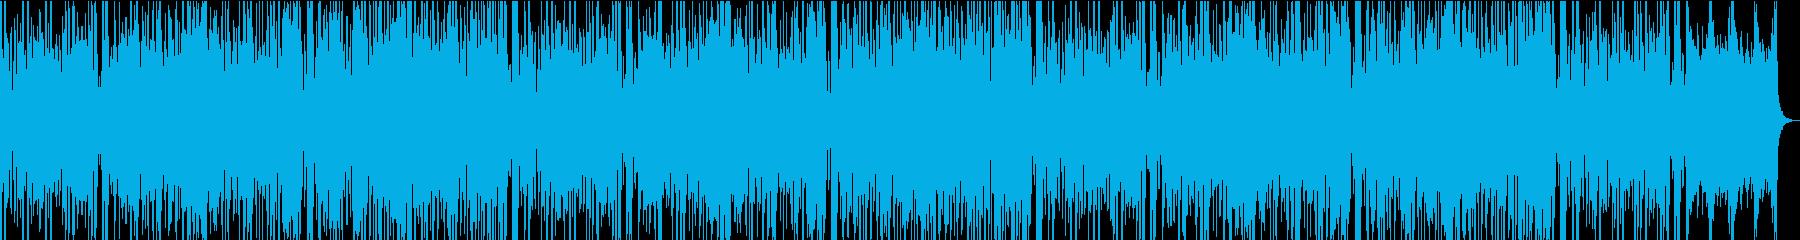 13秒でサビ、おだやか/カラオケの再生済みの波形